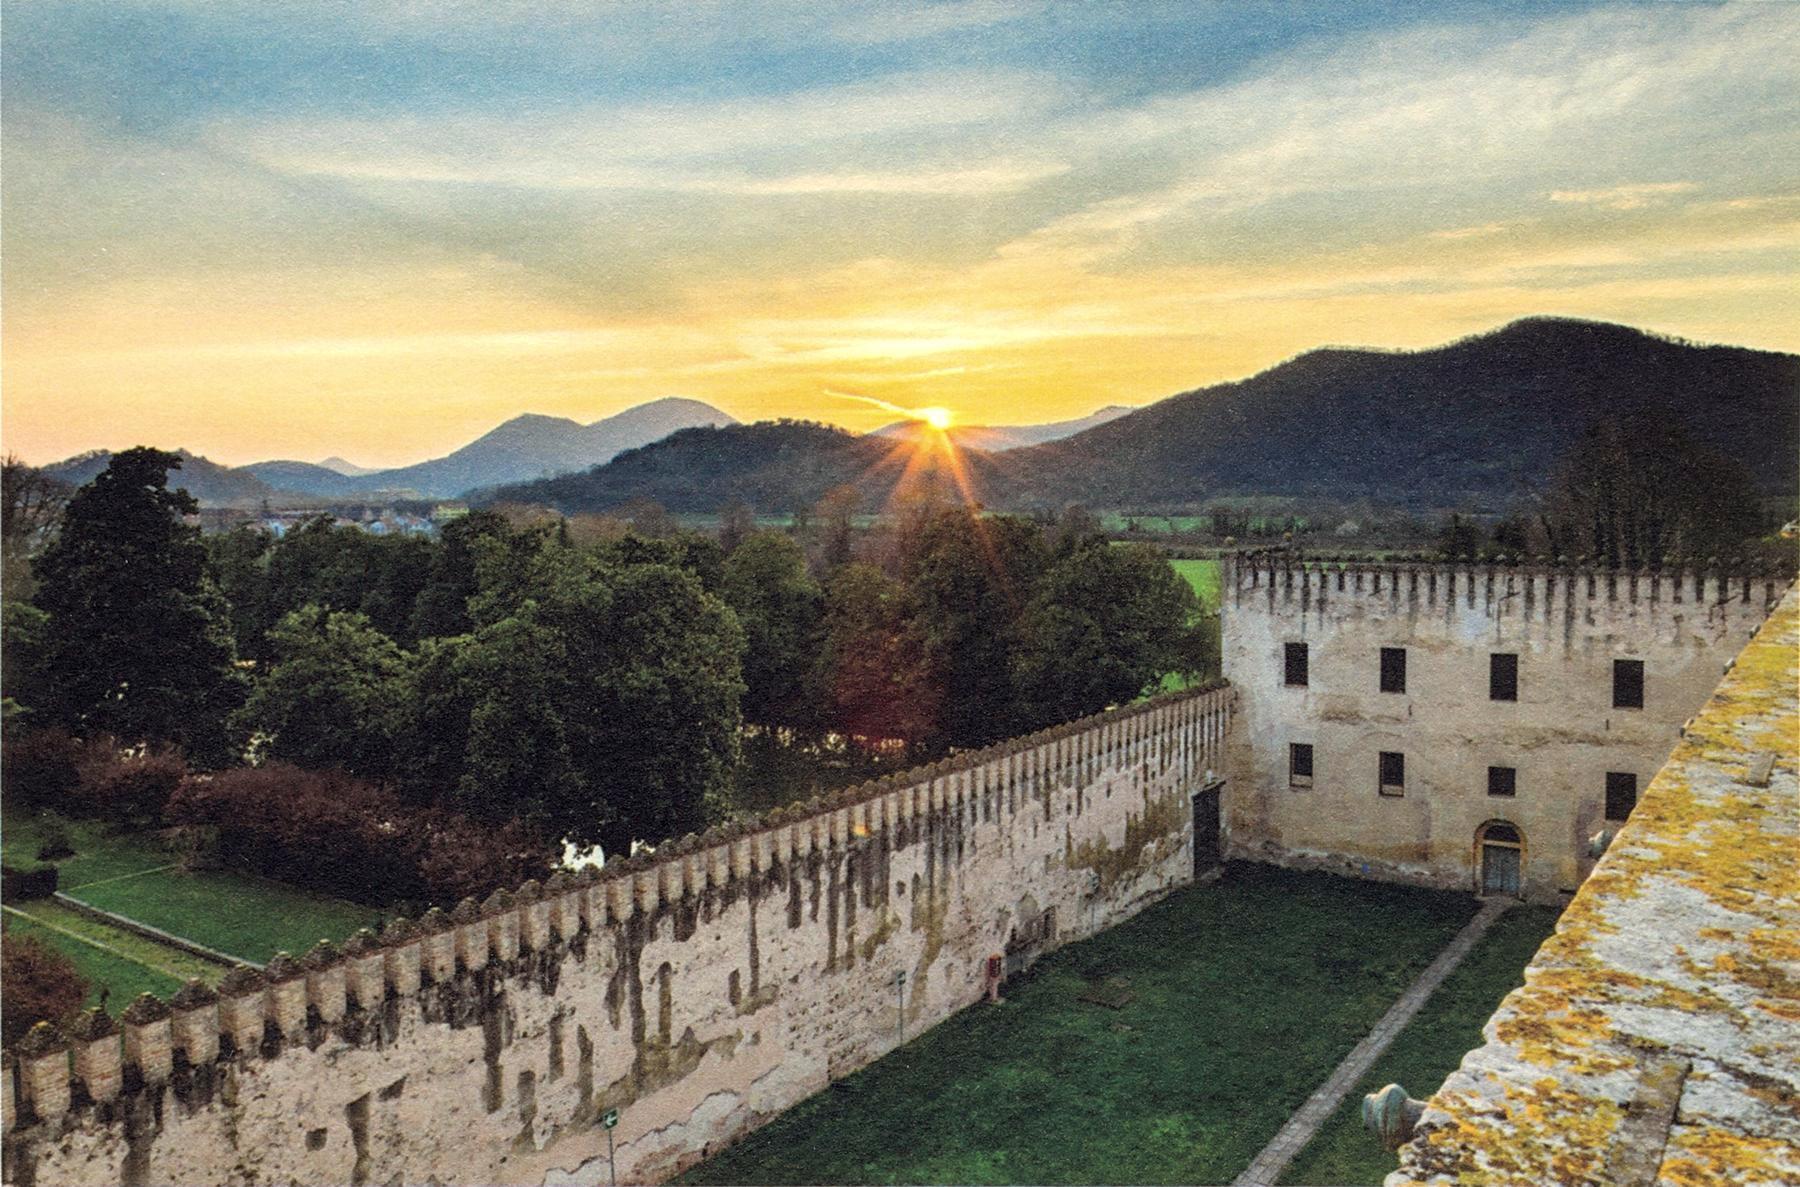 Castello del Catajo, dimora degli Obizzi: il Cortile dei Giganti con i Colli Euganei sullo sfondo.